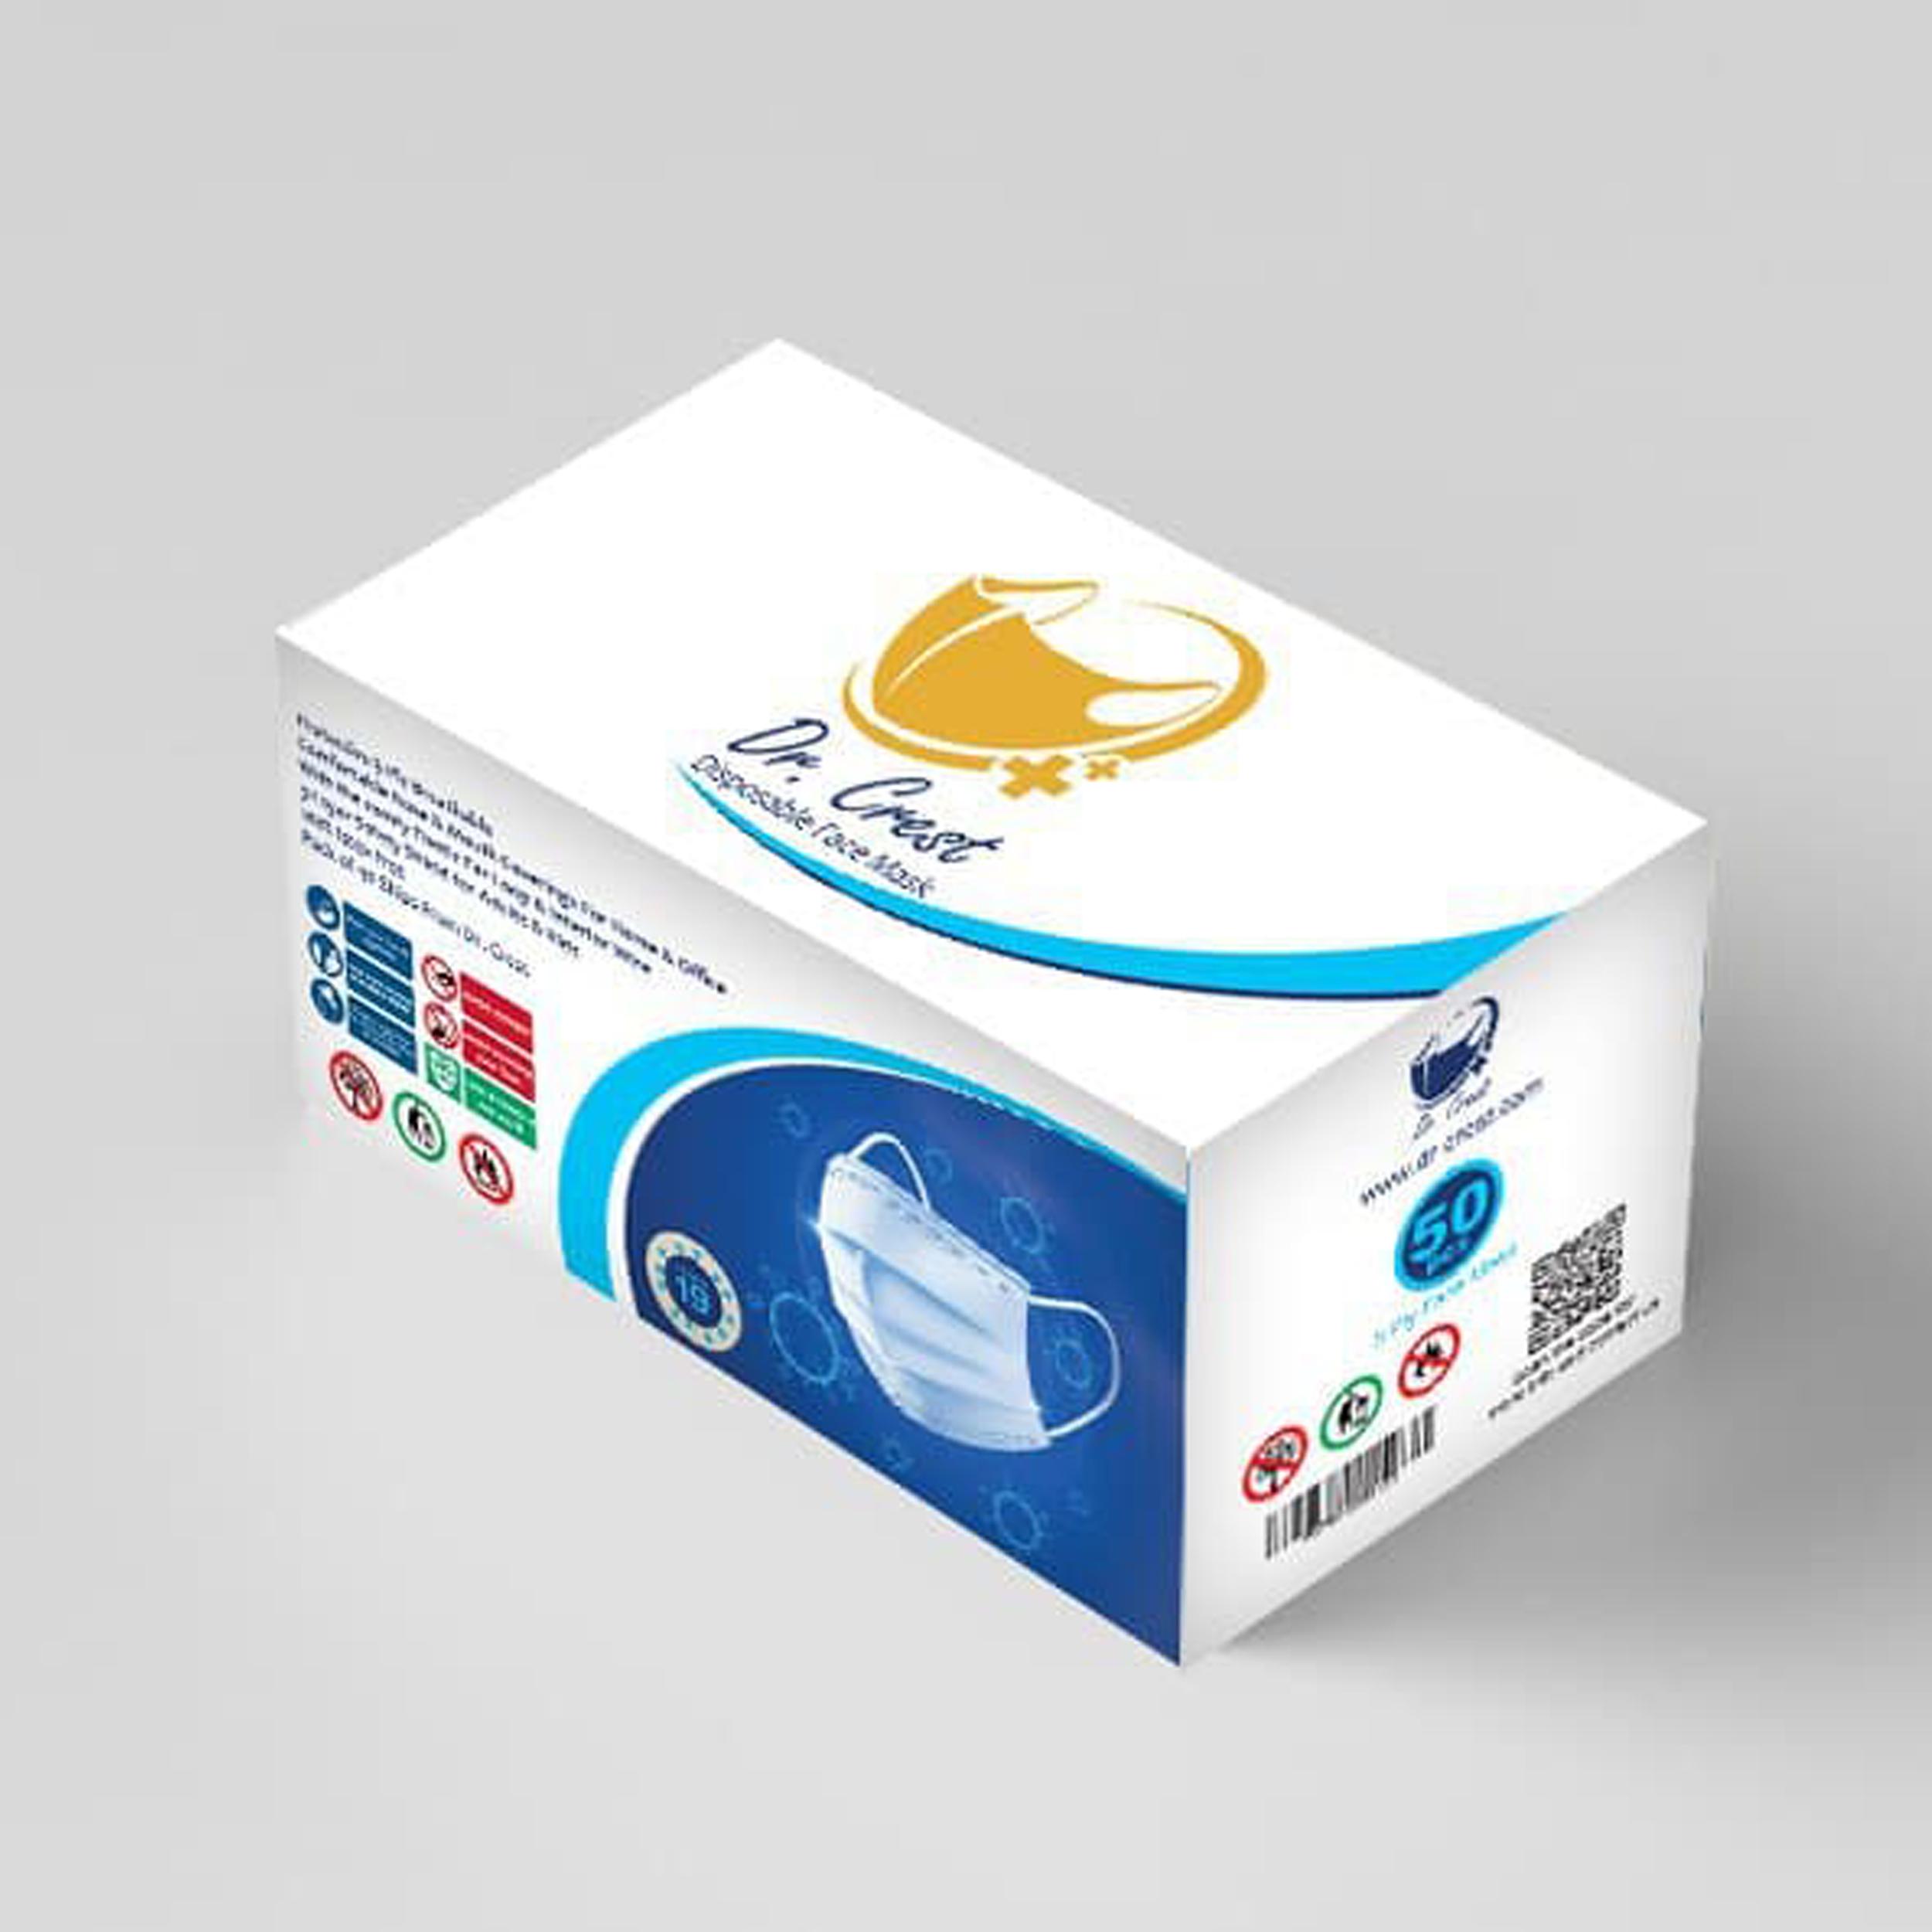 ماسک تنفسی سه لایه دکتر کرست مدل Dr-C50 بسته 200 عددی ( 4 جعبه 50 عددی )